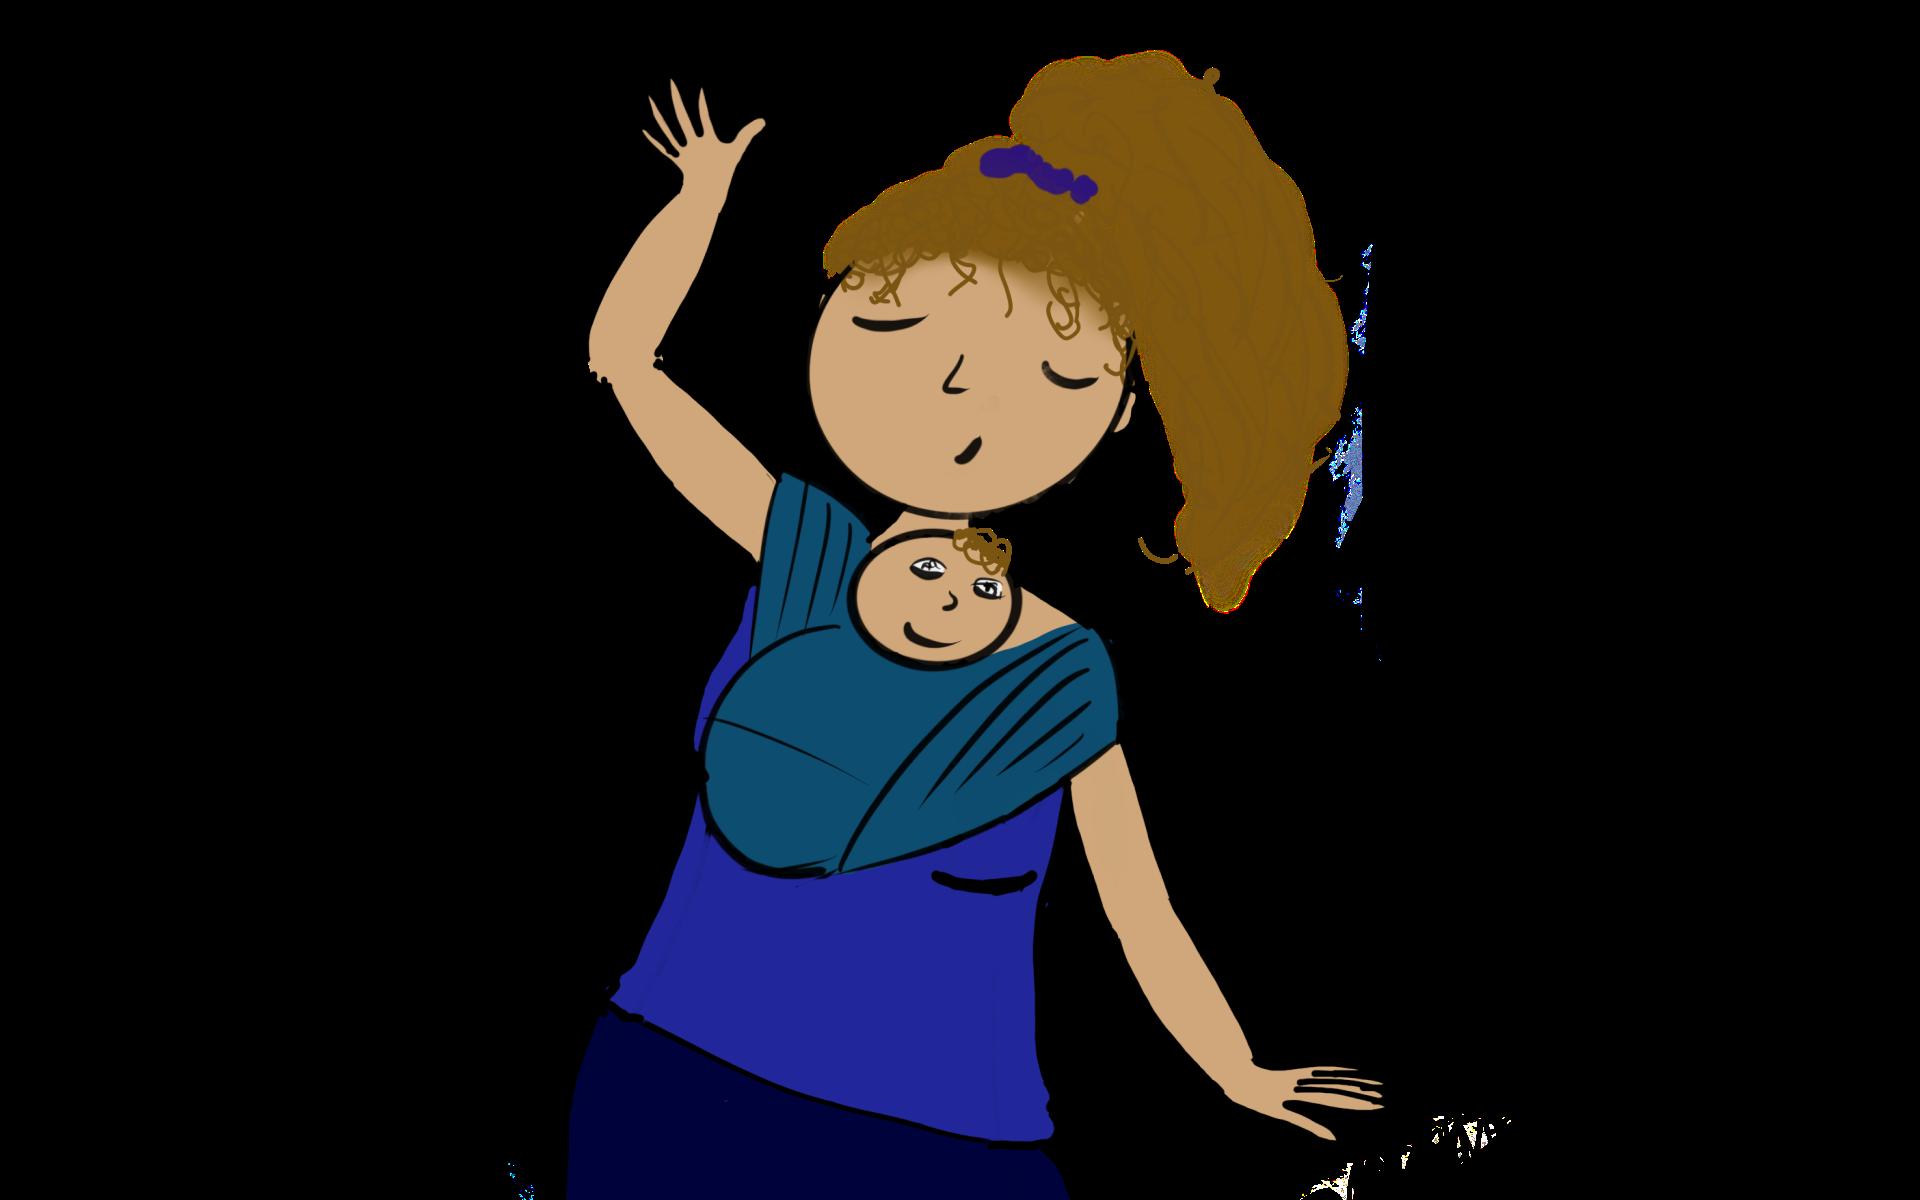 Danse avec bébé